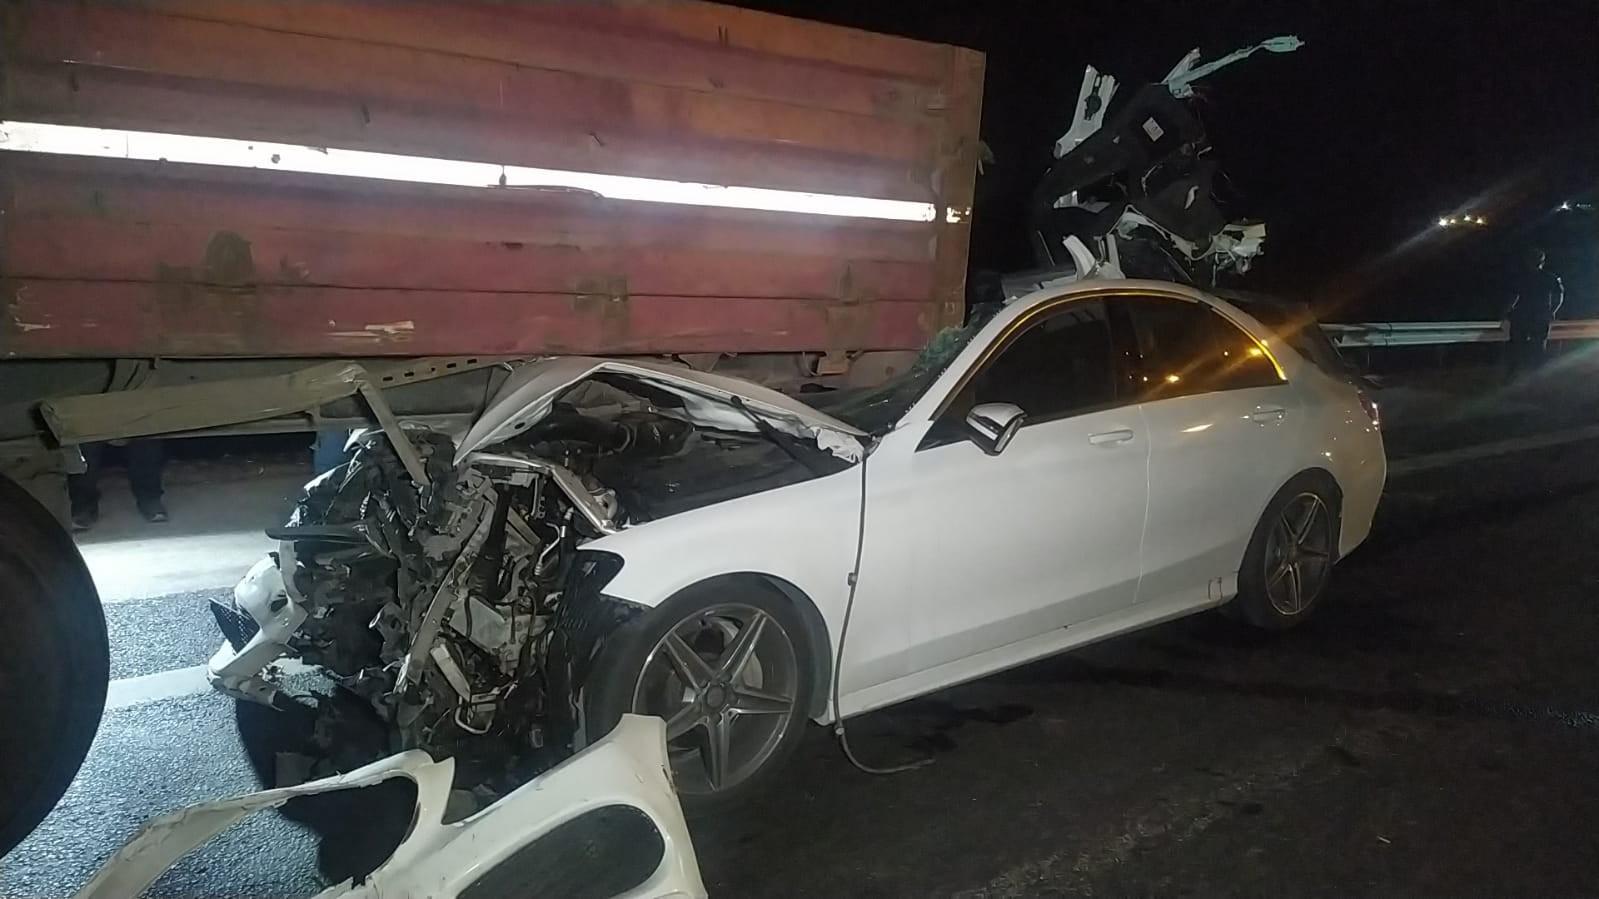 Adana-Gaziantep Otoyolu'nda feci kaza: 2 ölü, 1 yaralı